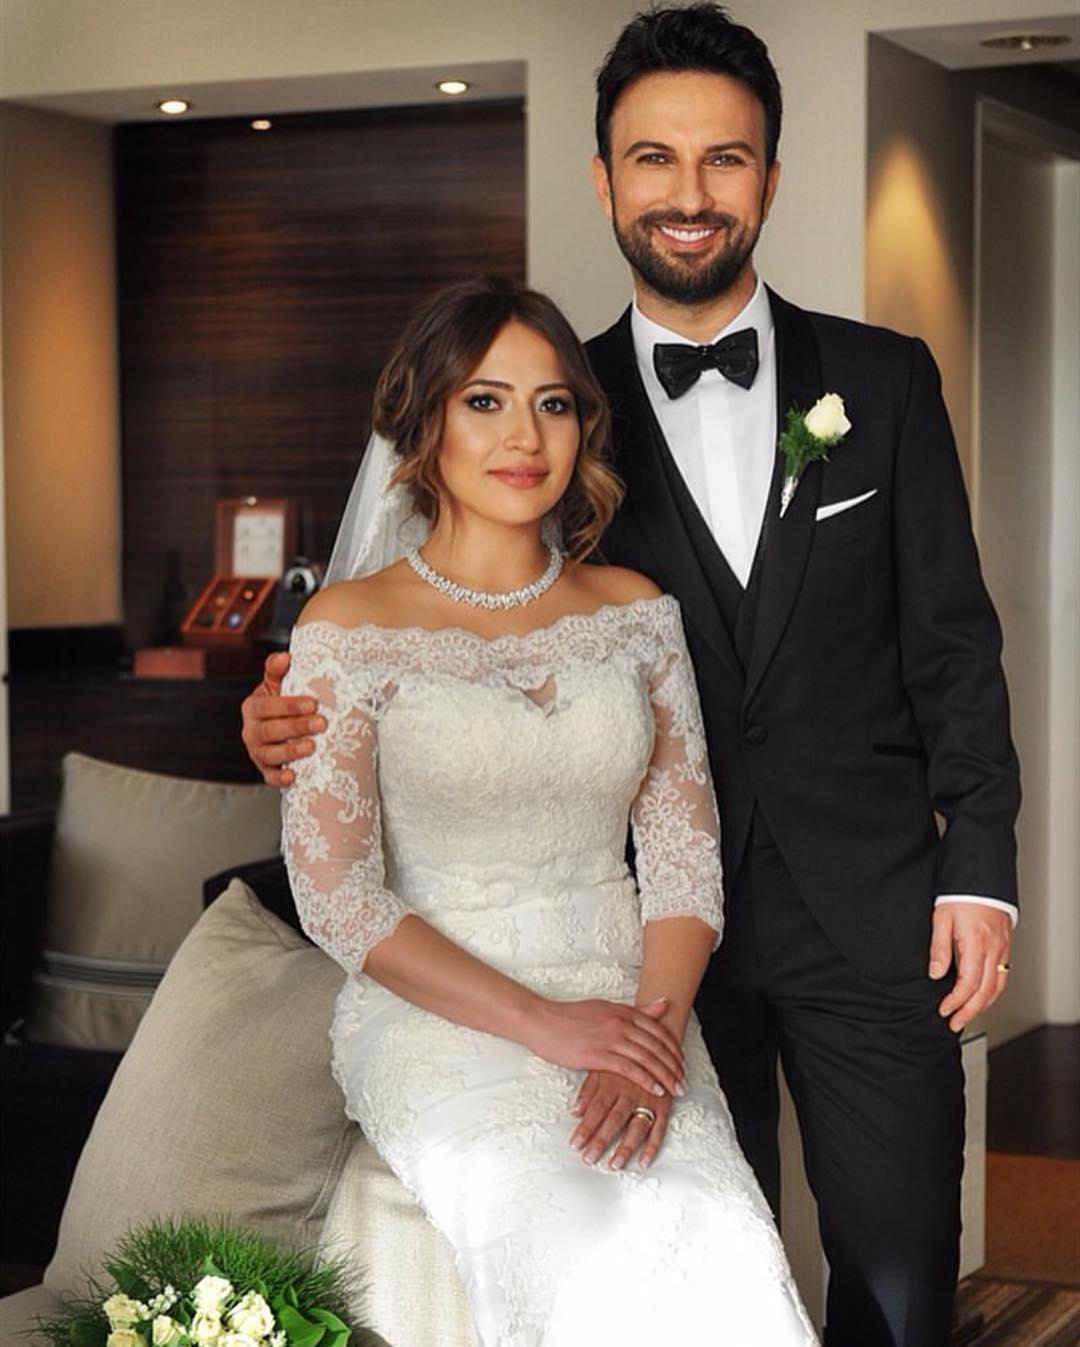 Таркан с женой Пынар Дилек